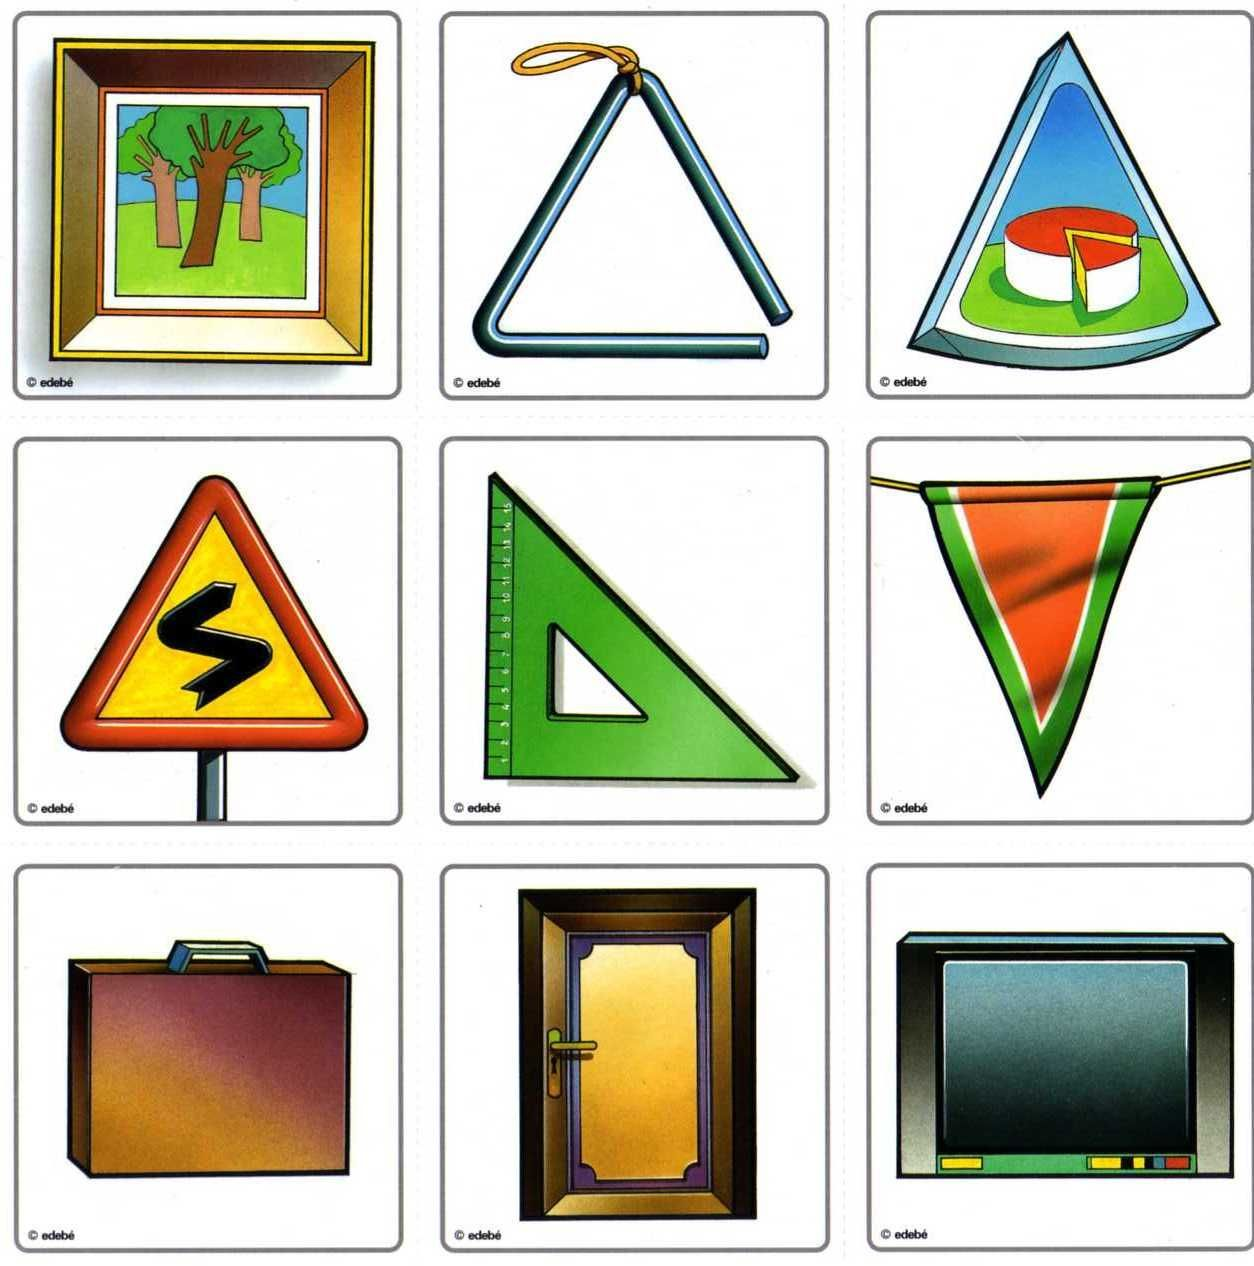 Integracion Visual 3 Constancia De La Forma El Sonido De La Hierba Al Cre Figuras Geometricas Para Preescolar Formas Preescolar Figuras Y Cuerpos Geometricos